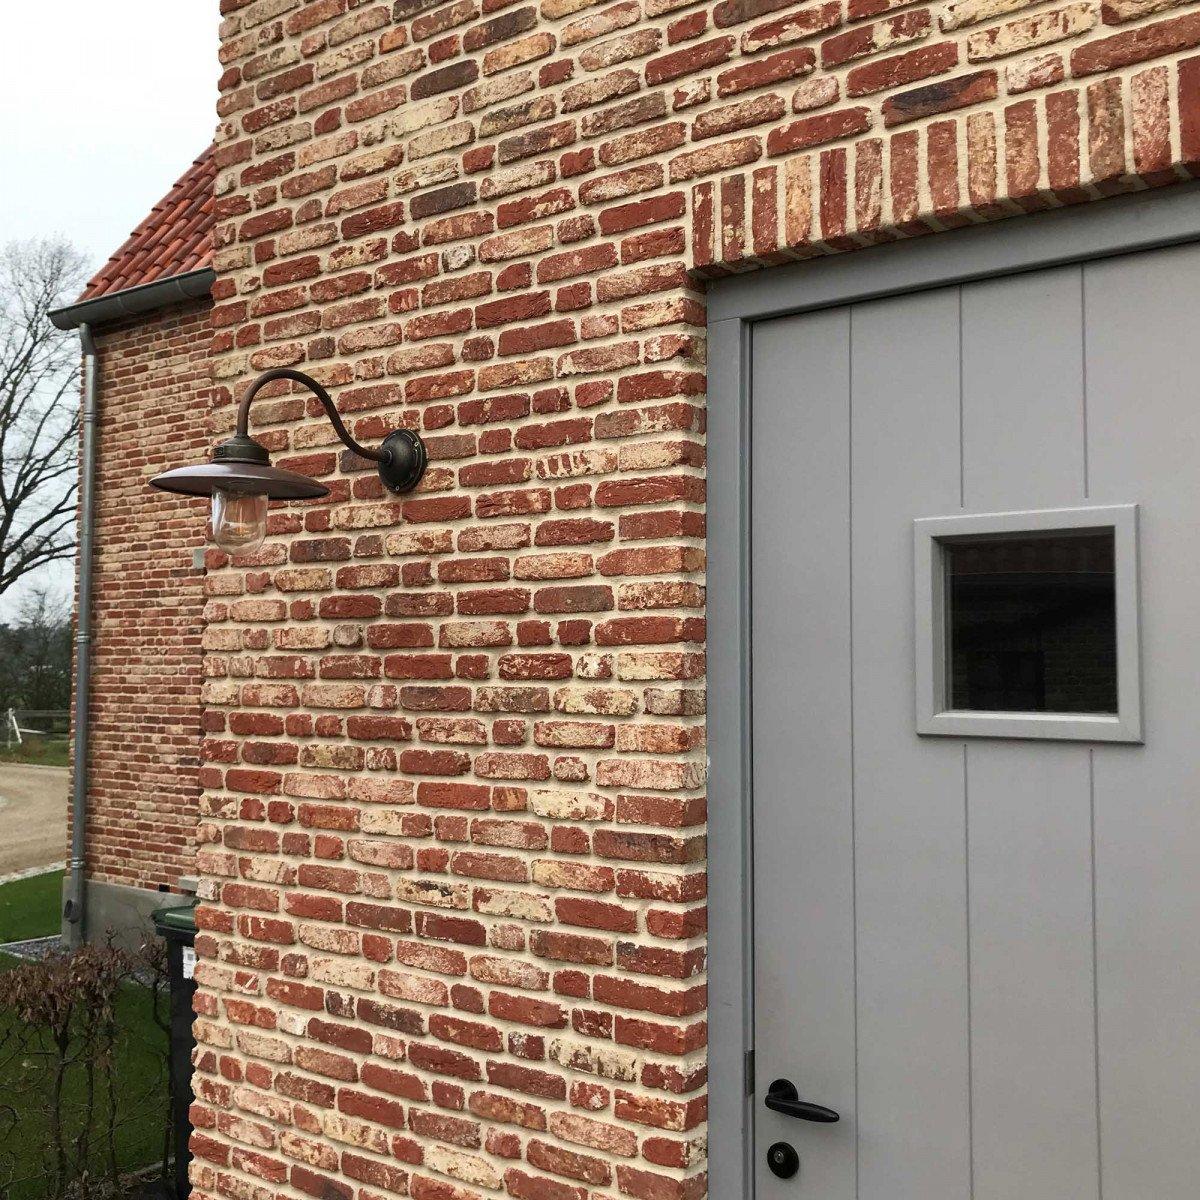 Landes (1195) - KS Verlichting - Stallamp